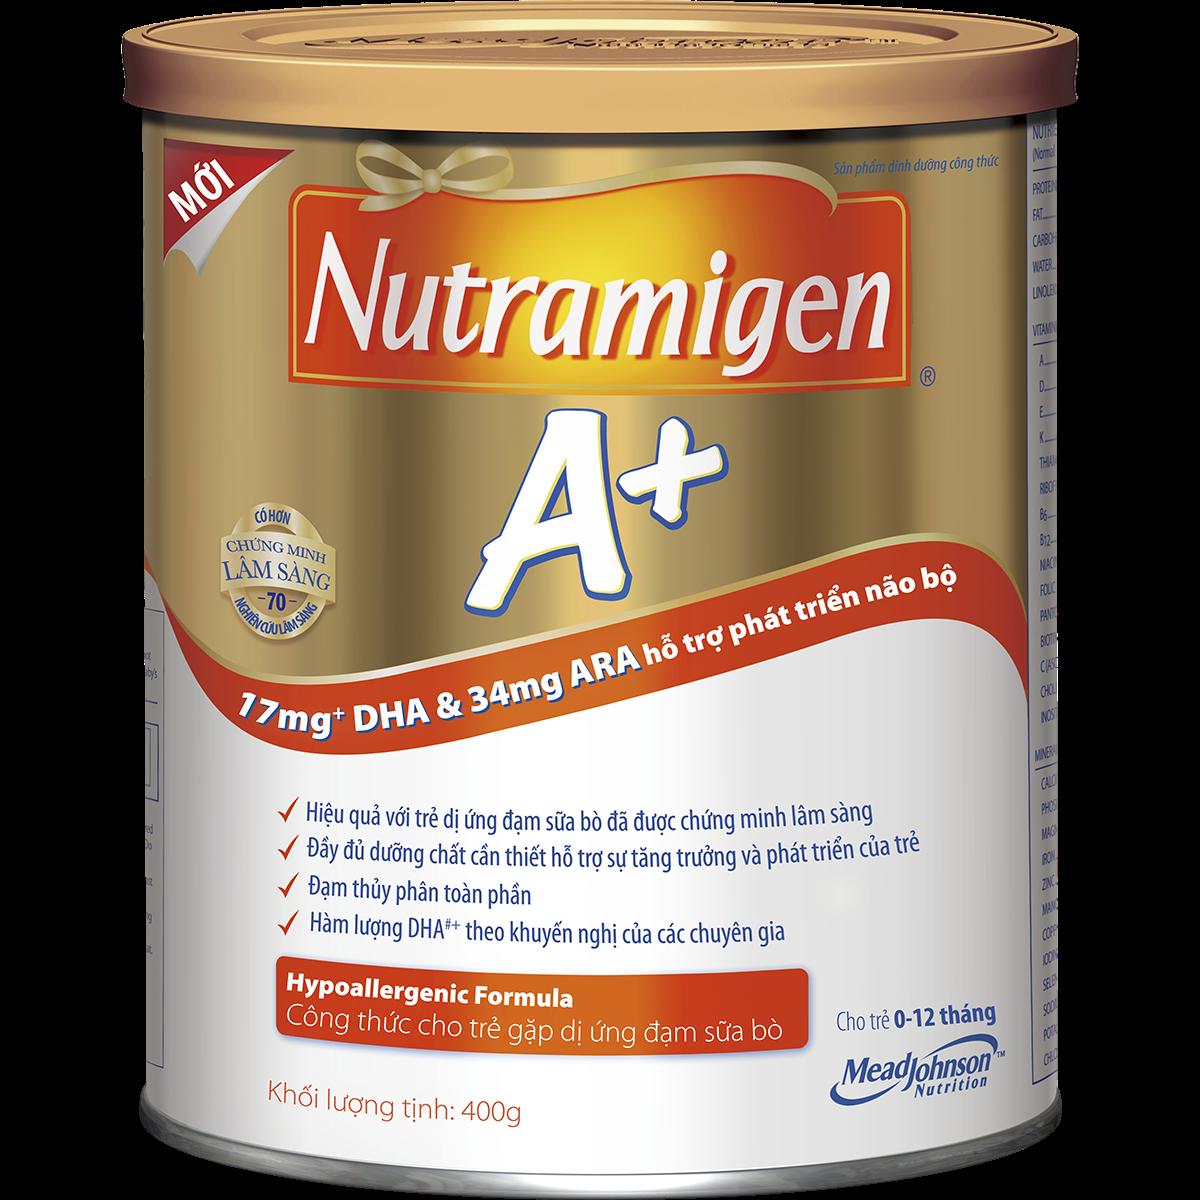 Sữa Nutramigen 400g dành cho trẻ từ 0 - 12 tháng